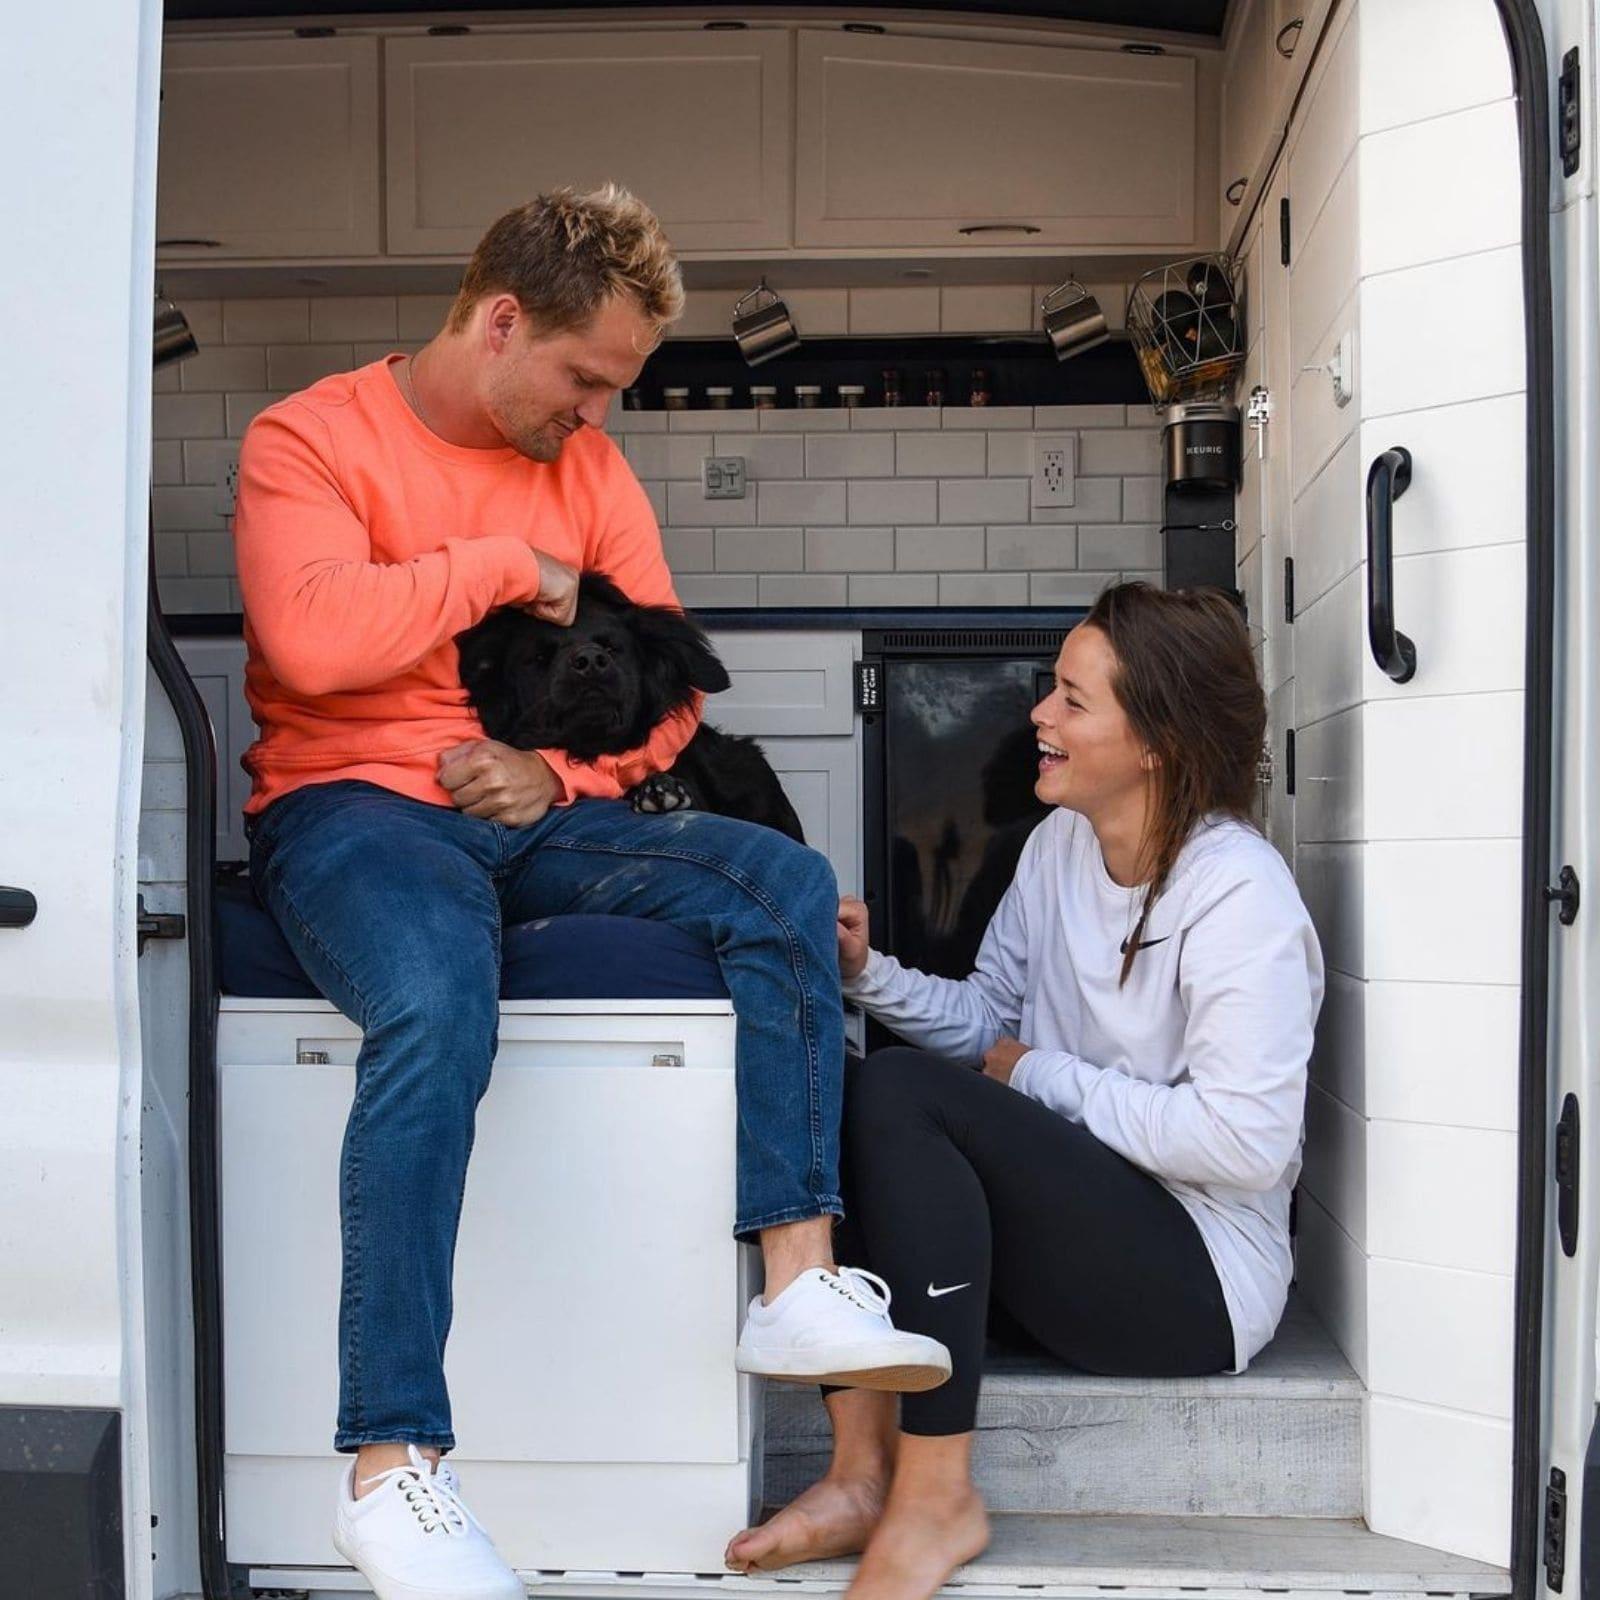 american woman lives in van